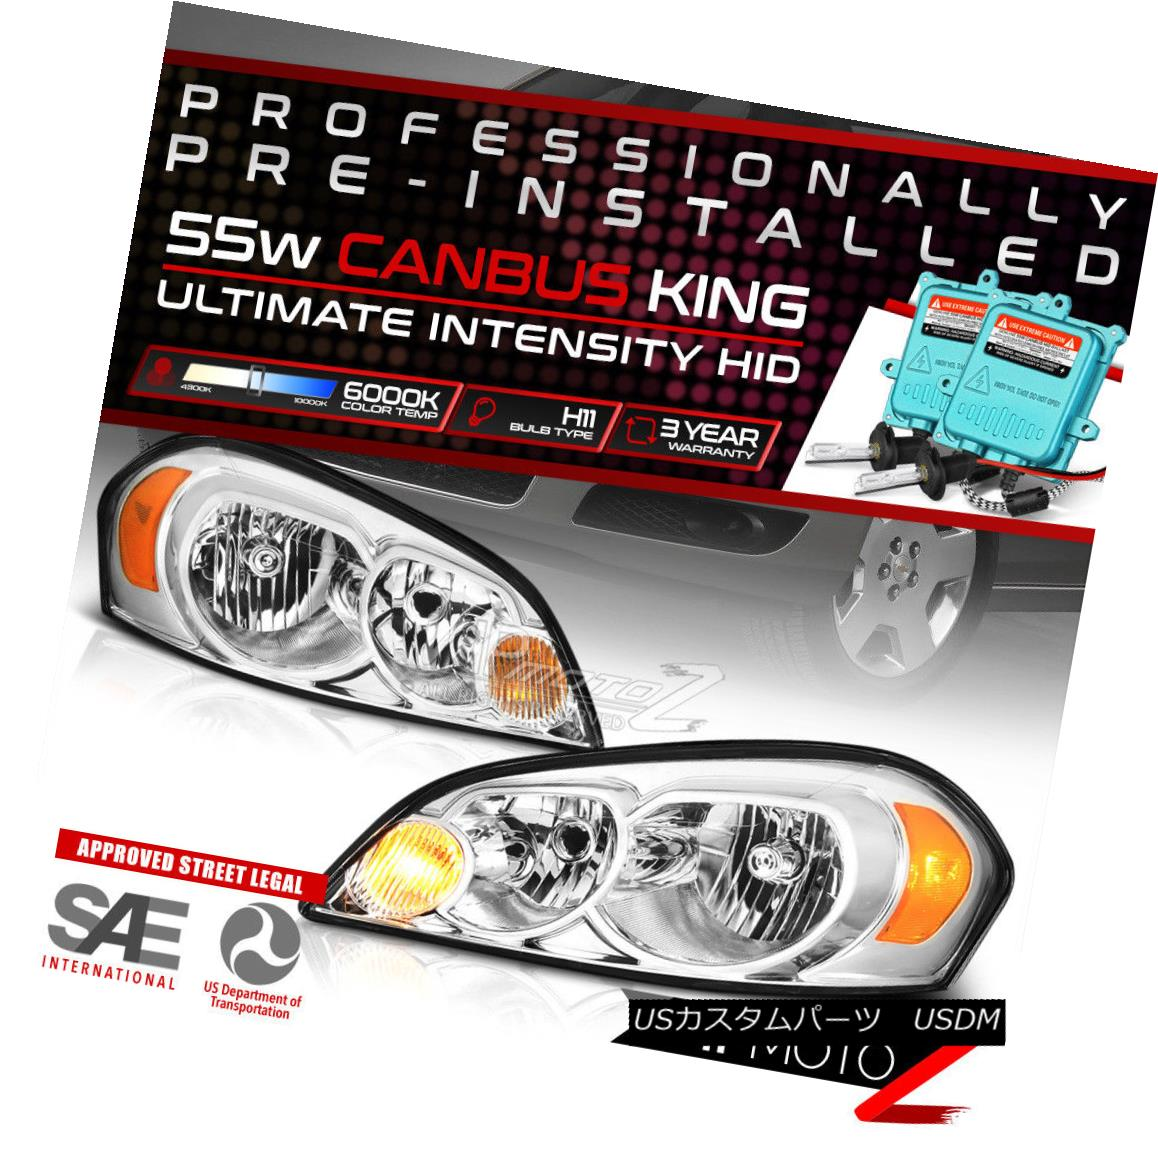 ヘッドライト Built-In HID Low Beam Factory Style Chrome Headlights For 2006-2013 Chevy Impala 2006-2013シボレーインパラ用HIDロービームファクトリースタイルクロームヘッドライトを内蔵